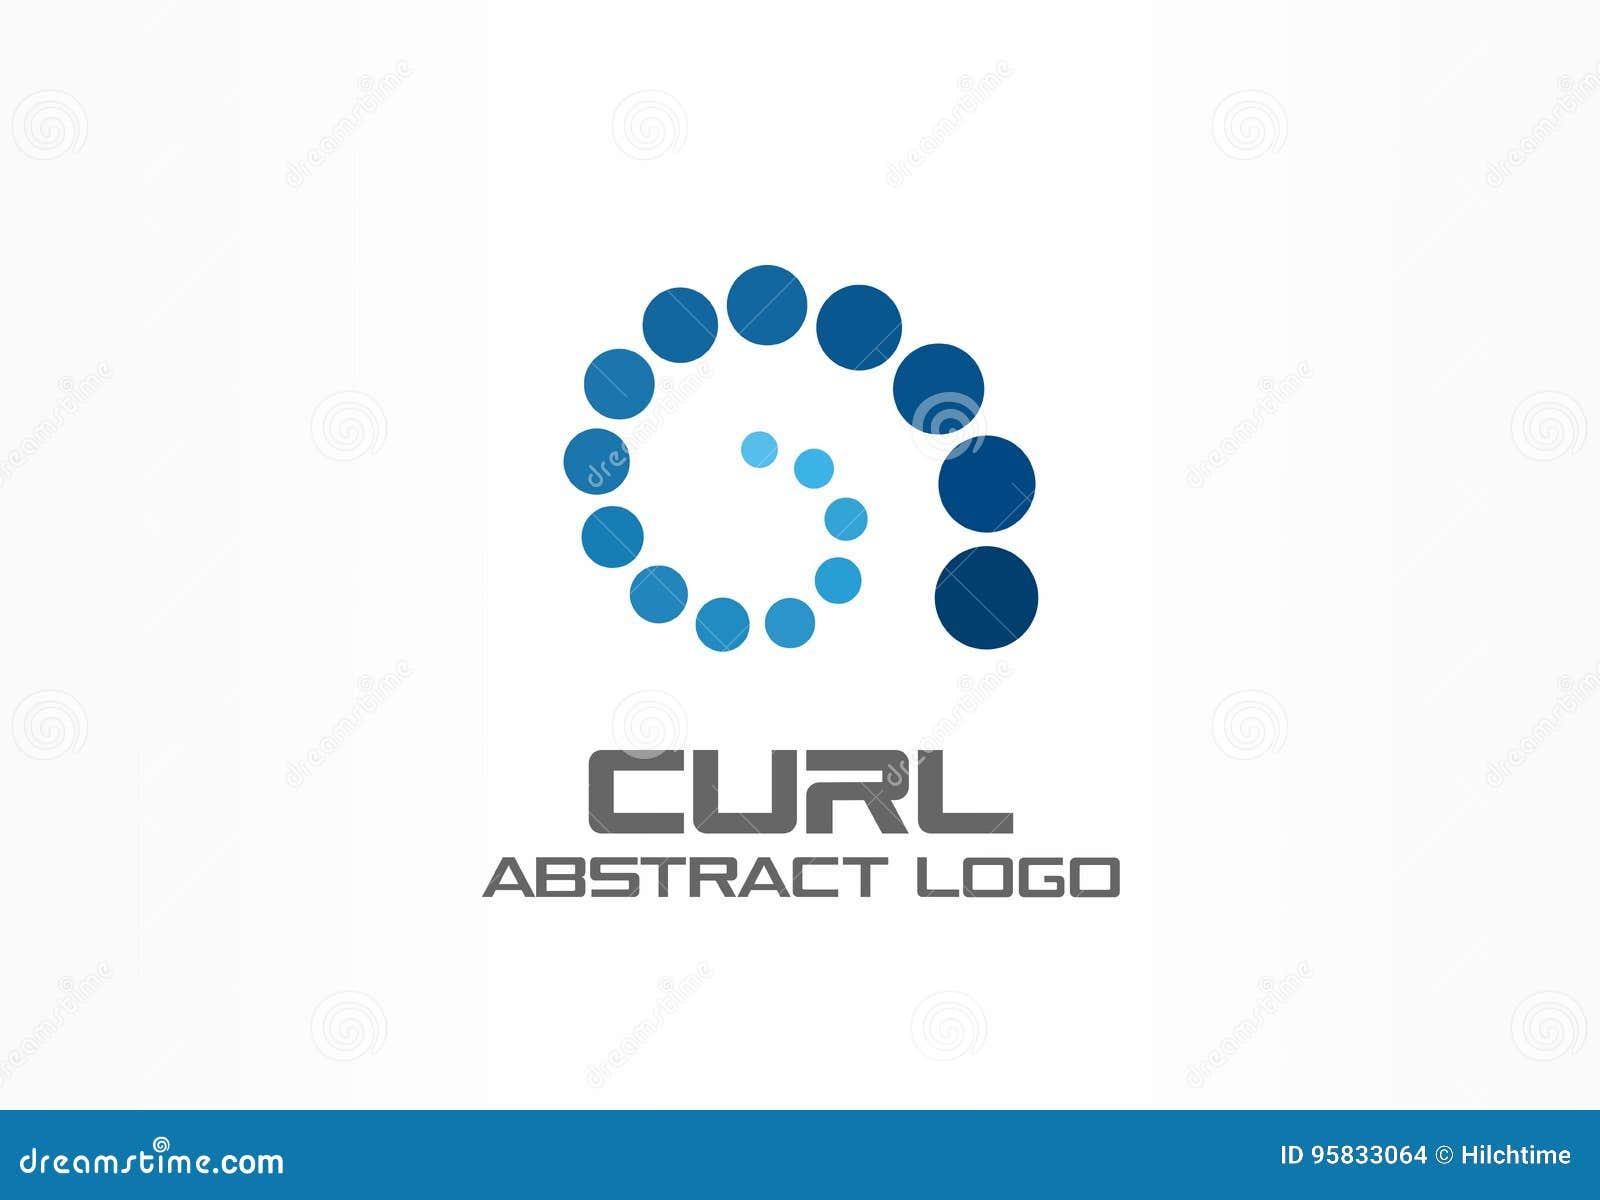 Abstract bedrijfembleem De sociale media, de groei, Internet verbinden logotype idee Ladings spiraalvormige groep, werveling